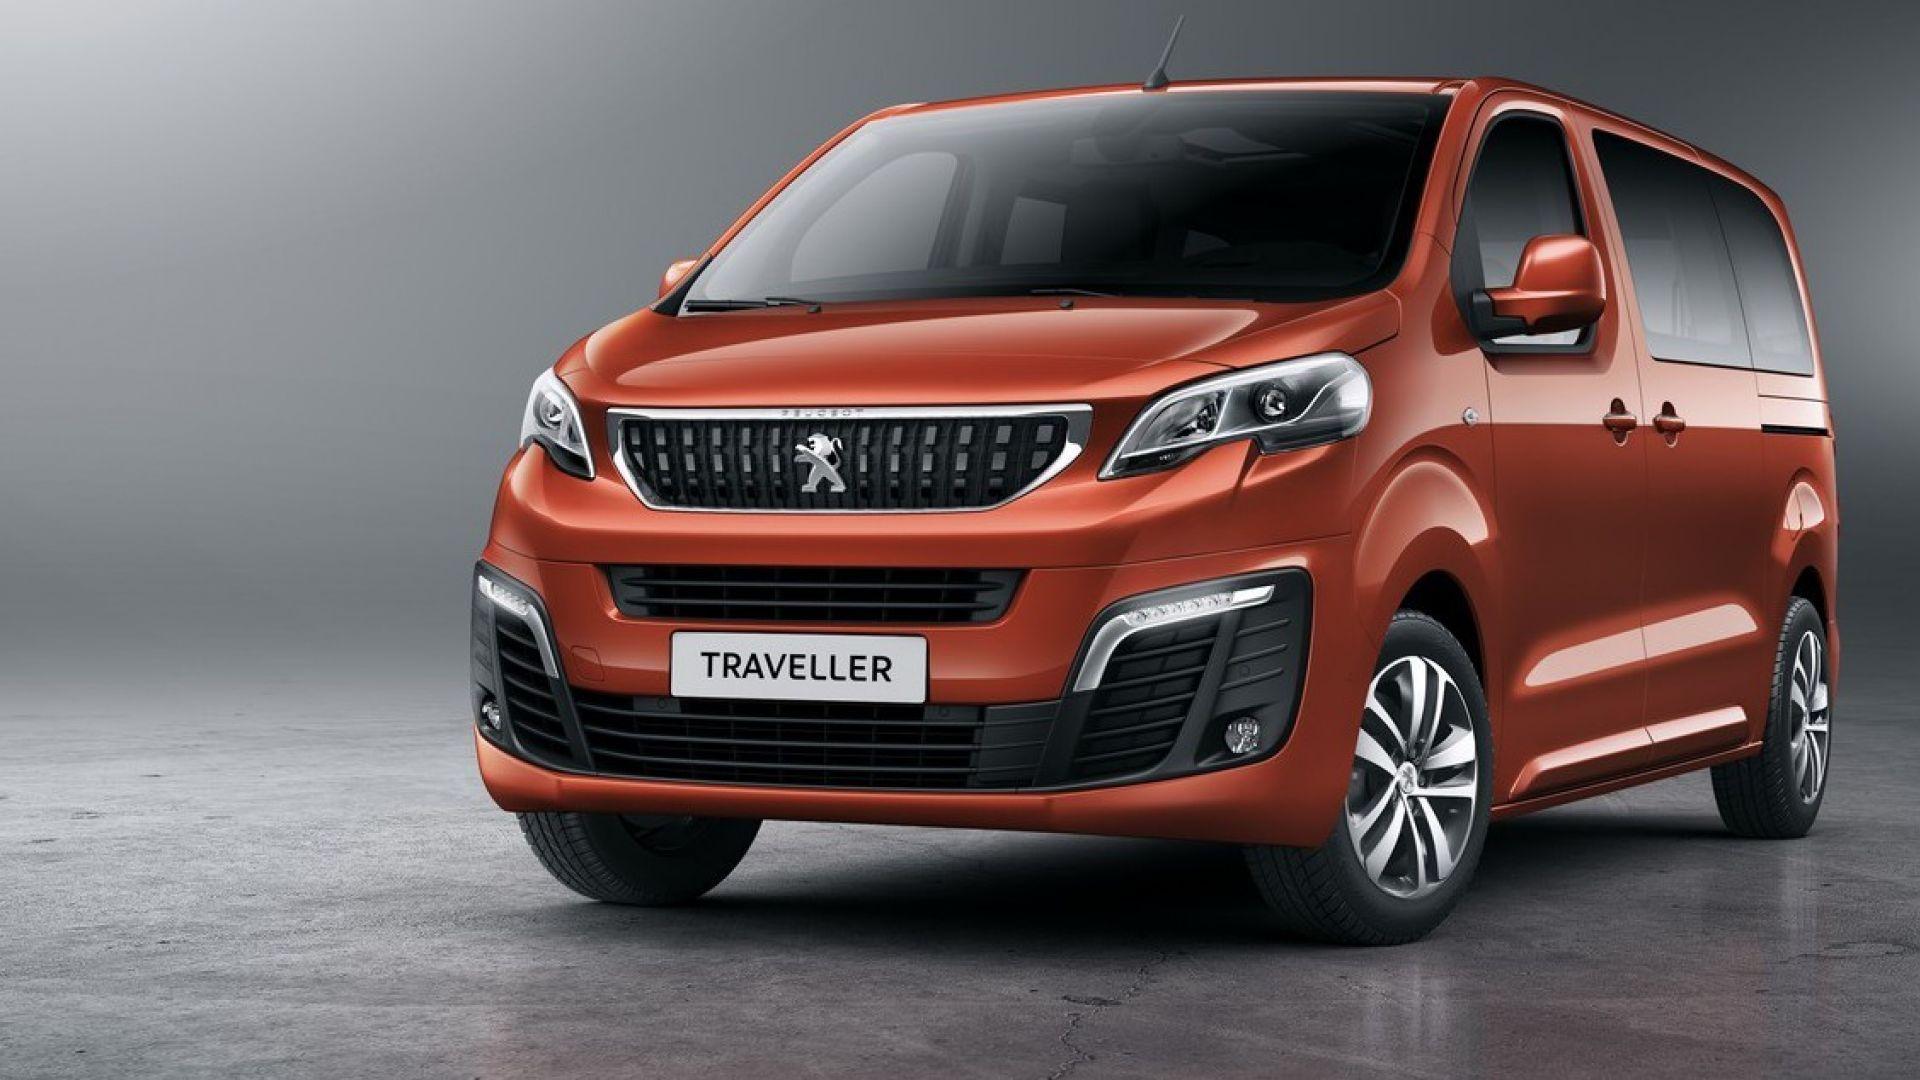 Veicoli Commerciali Peugeot Traveller Citroen